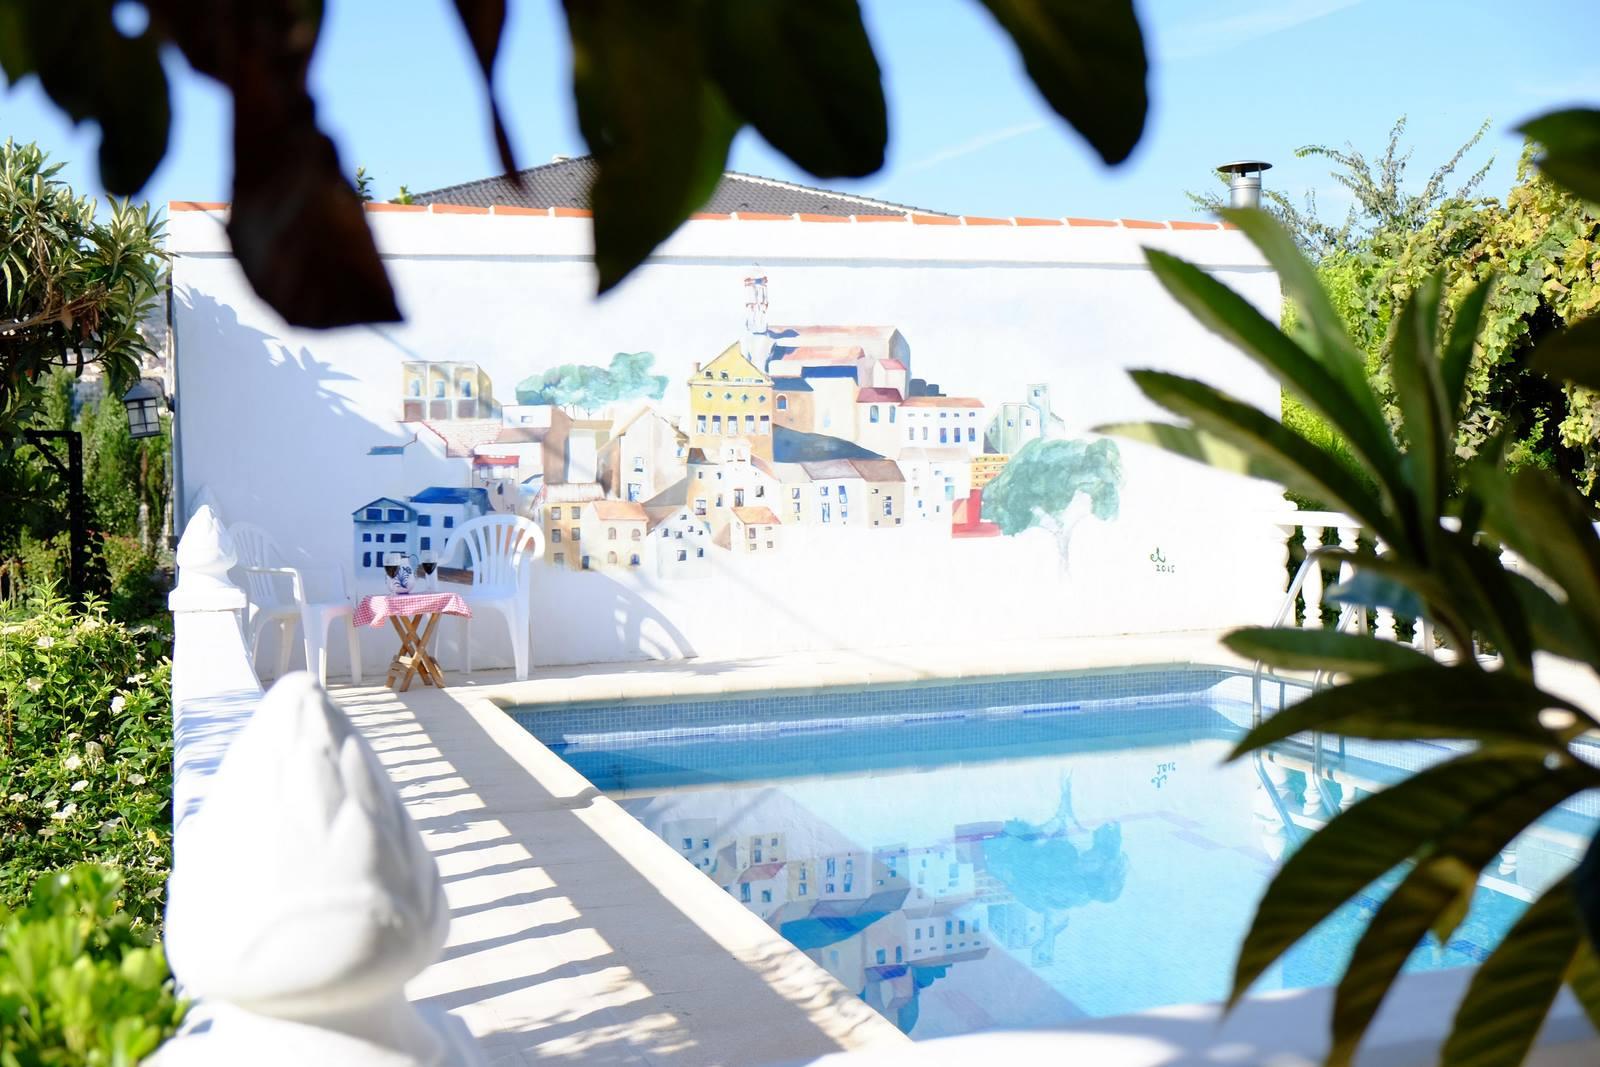 Alquiler vacaciones en Cehegín, Murcia